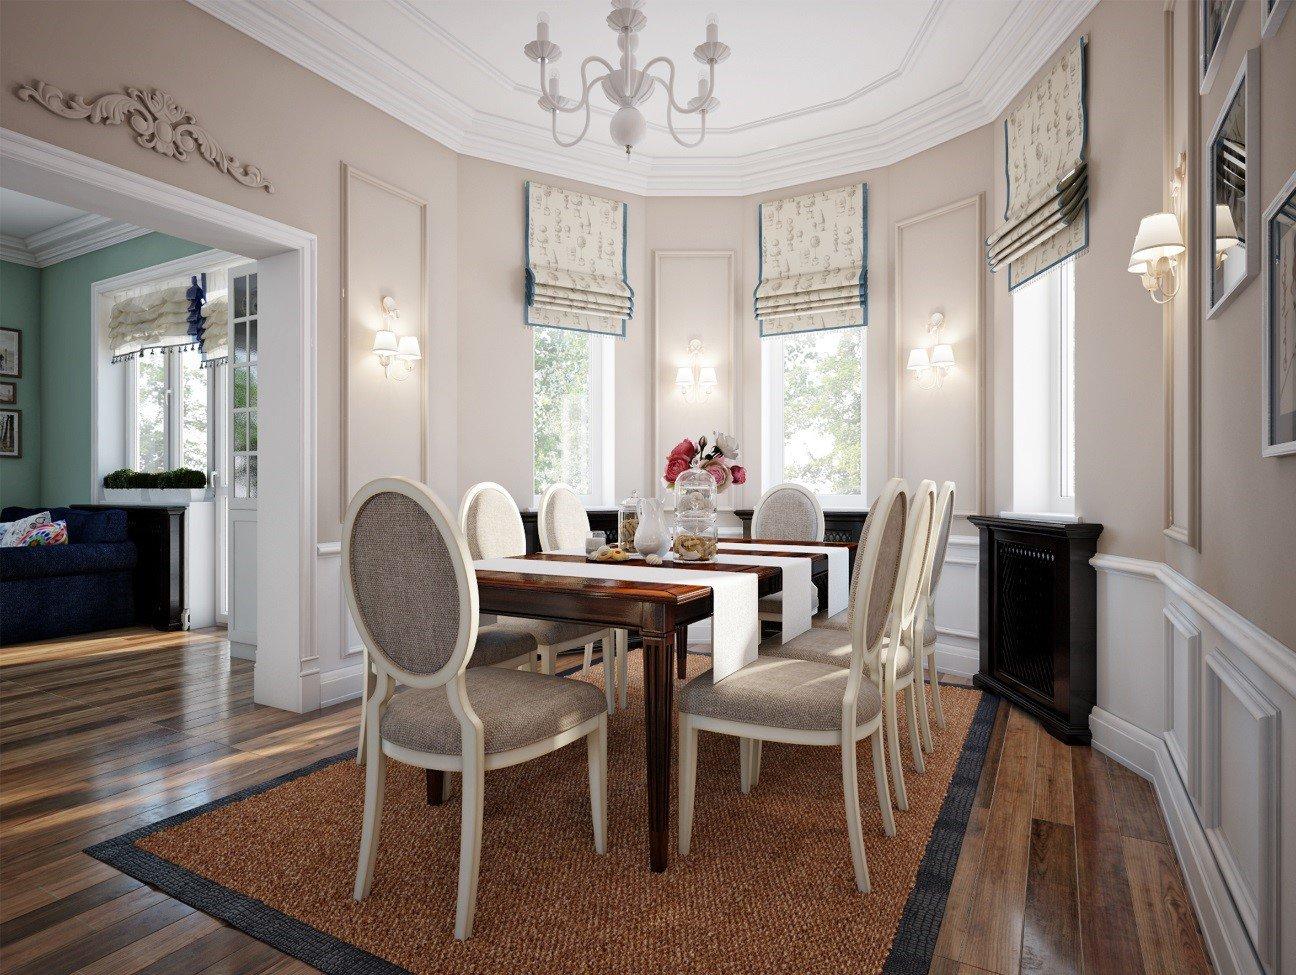 Image of: Central De Dicas Como Decorar Sua Sala De Jantar